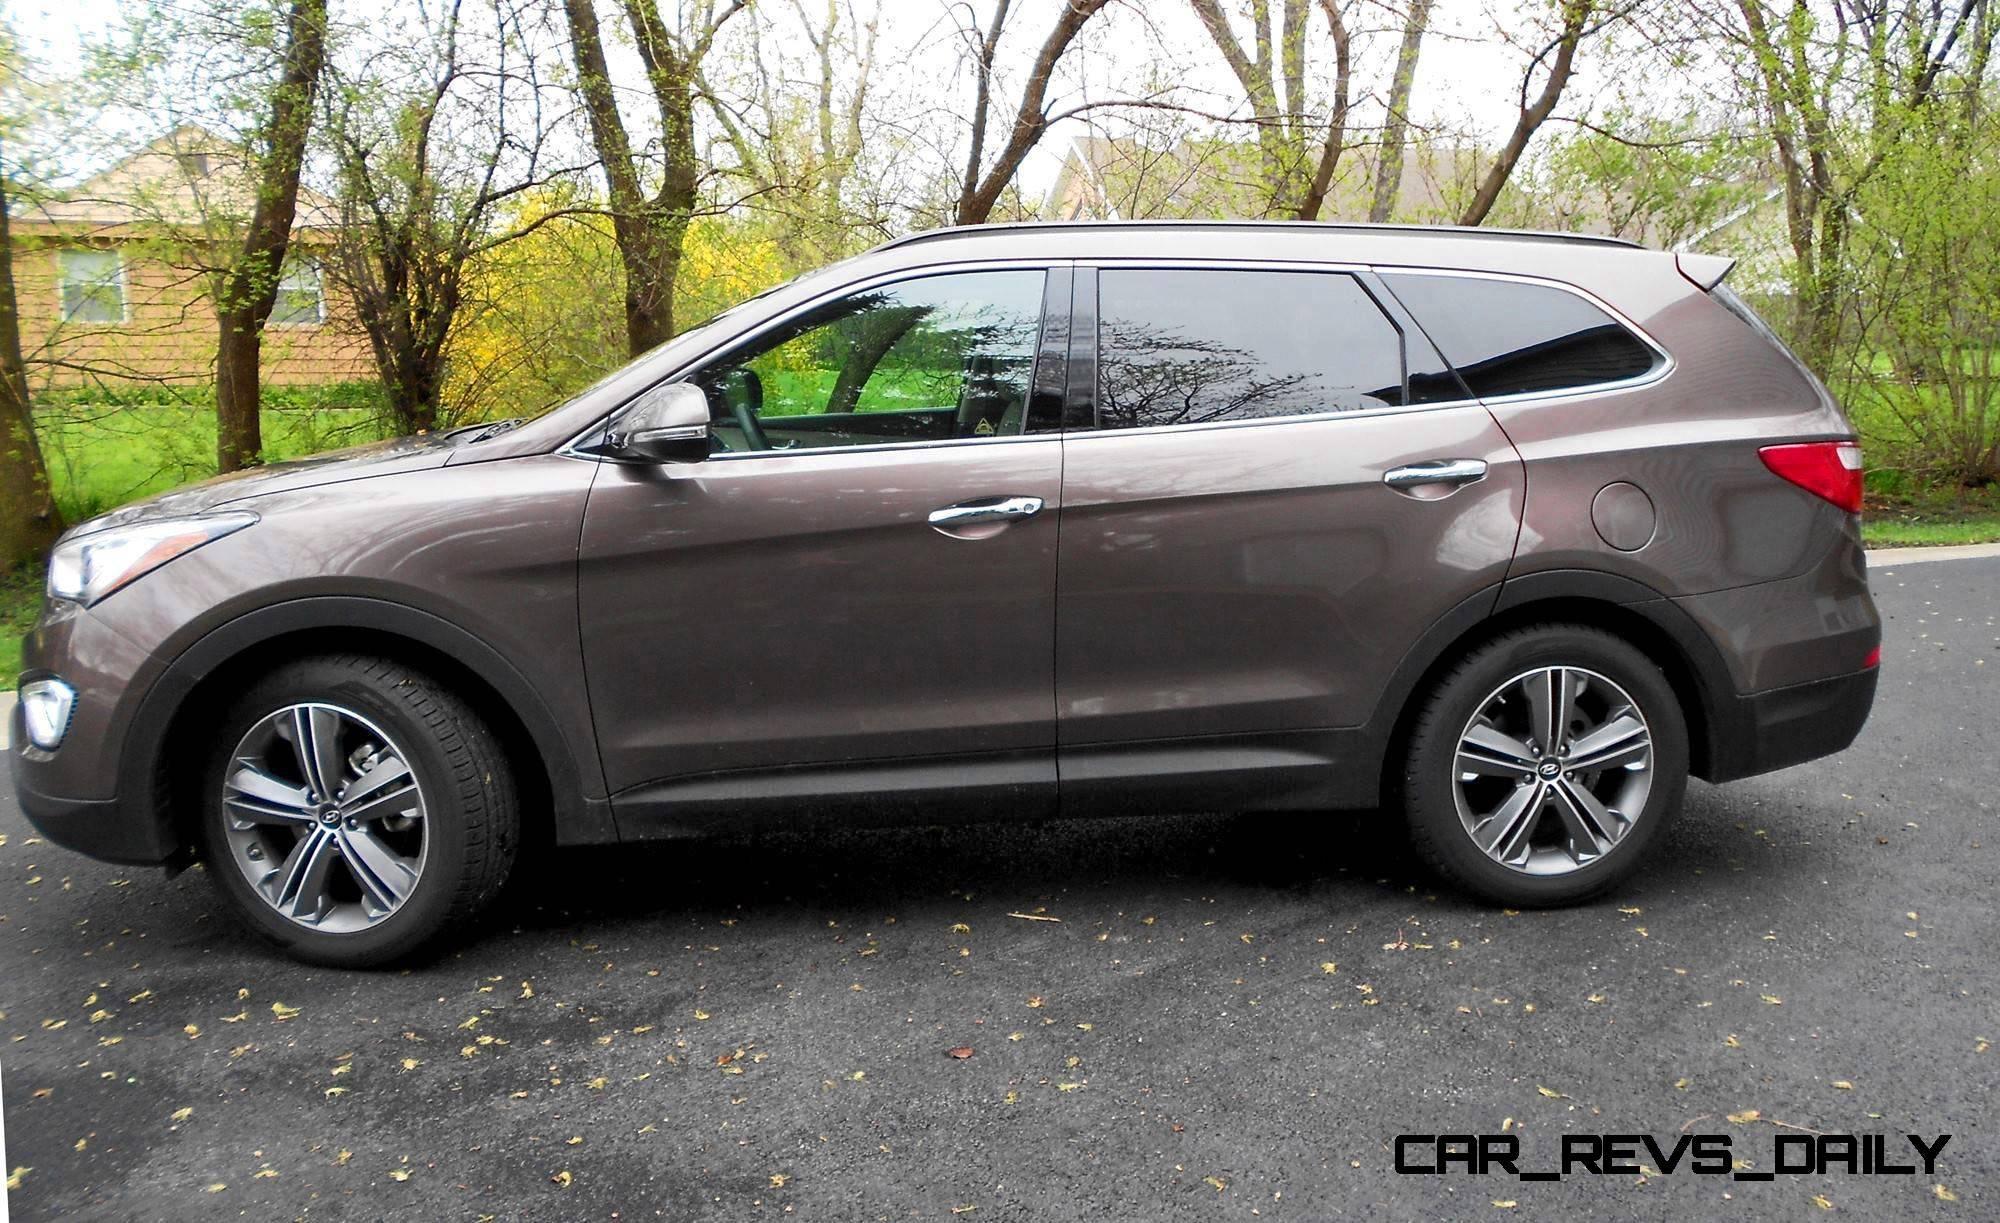 2015 Hyundai Santa Fe Limited Awd Review